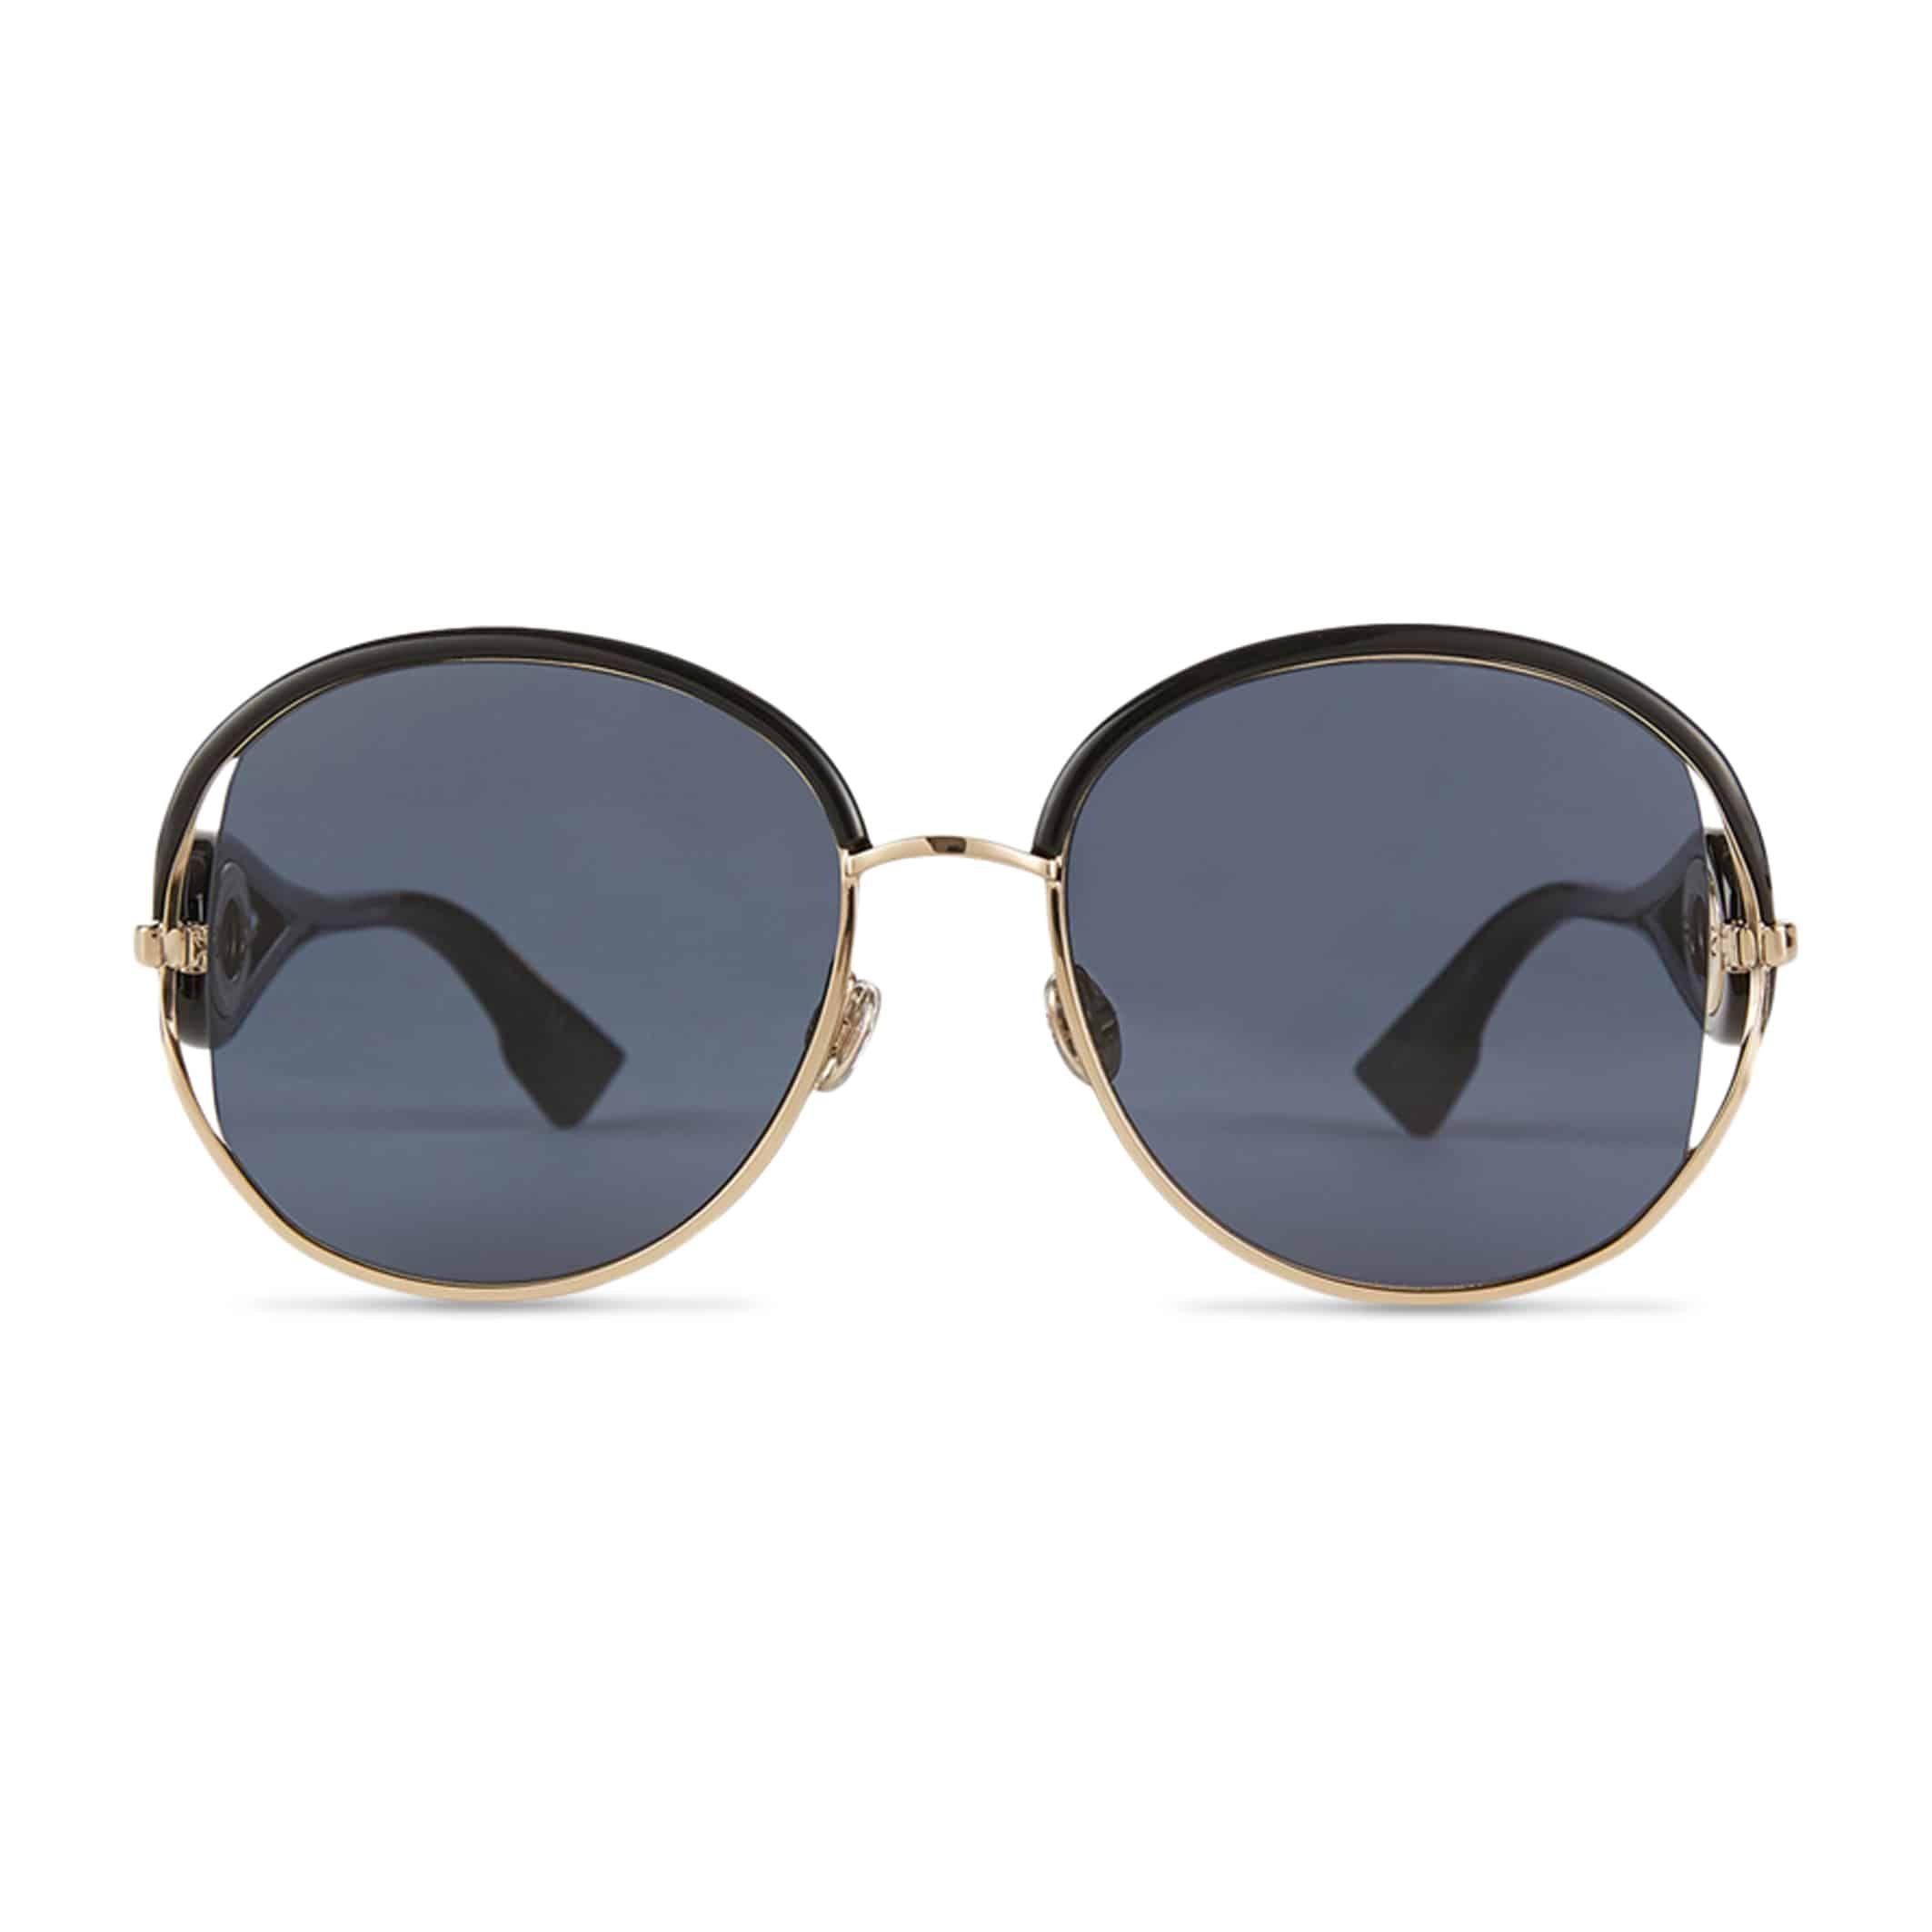 Accessoires Dior – DIORNEWVOLUTE – Schwarz